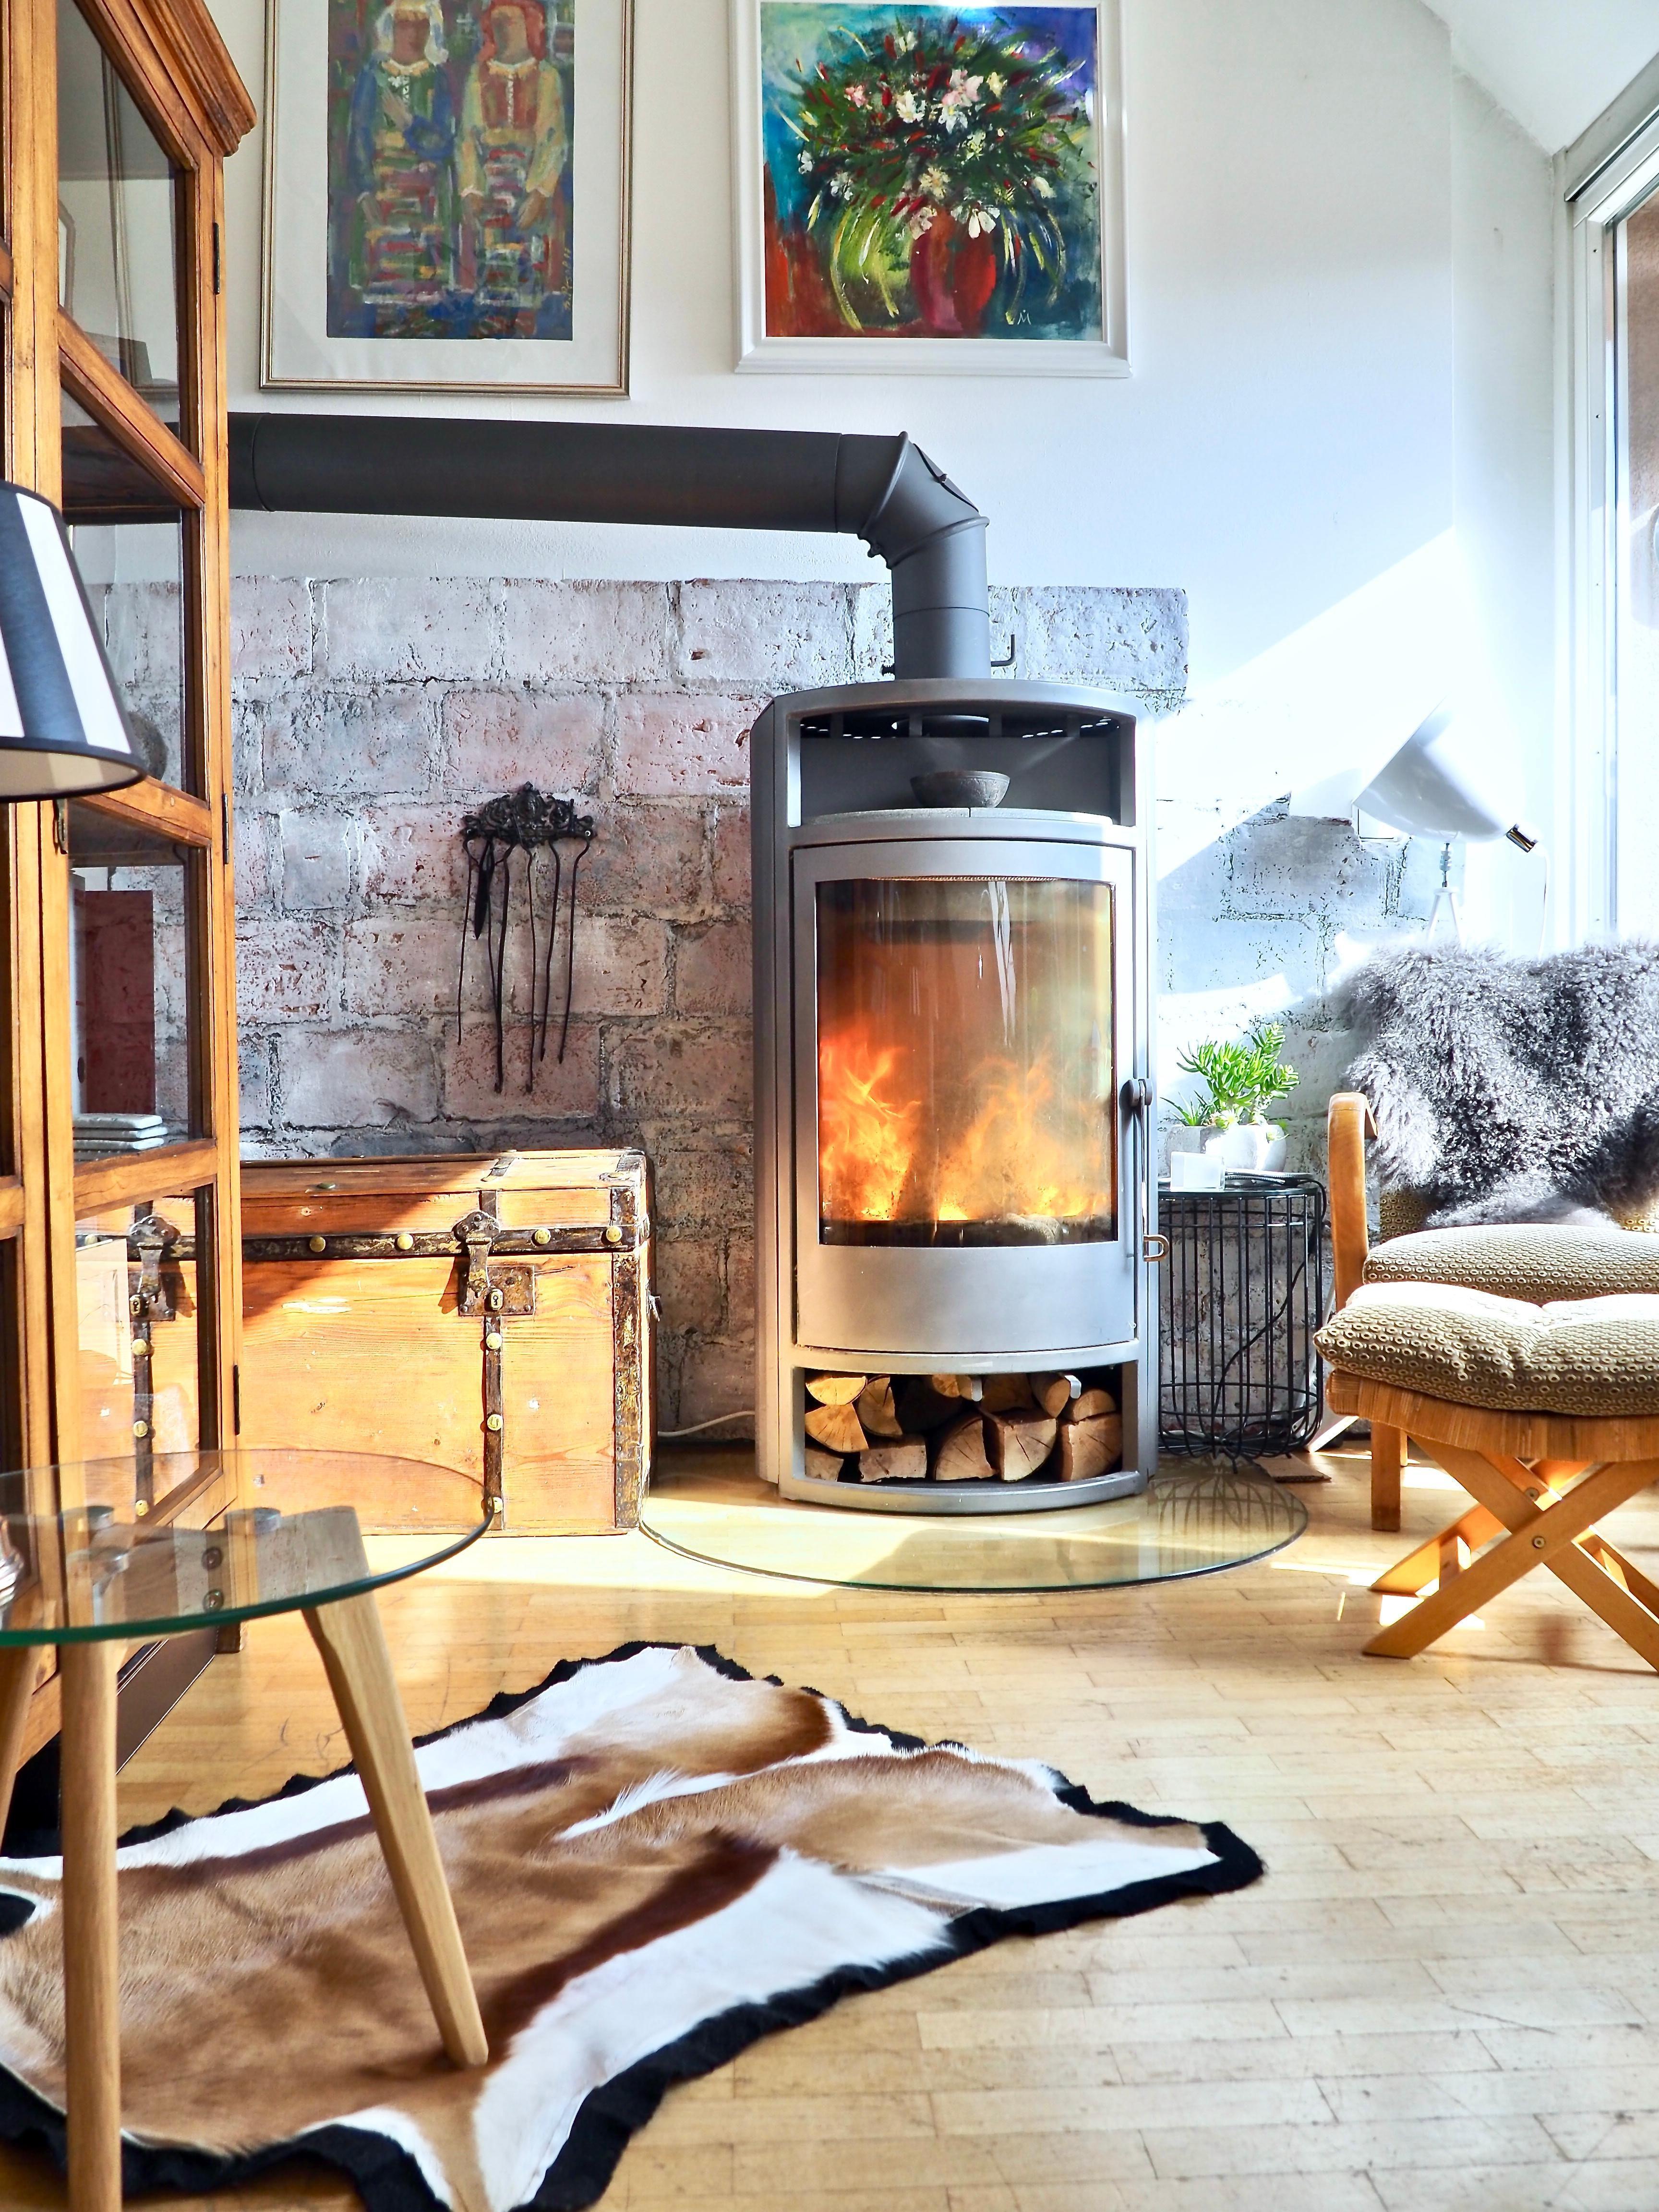 Wohnzimmer #Kamin #Feuer #Winter